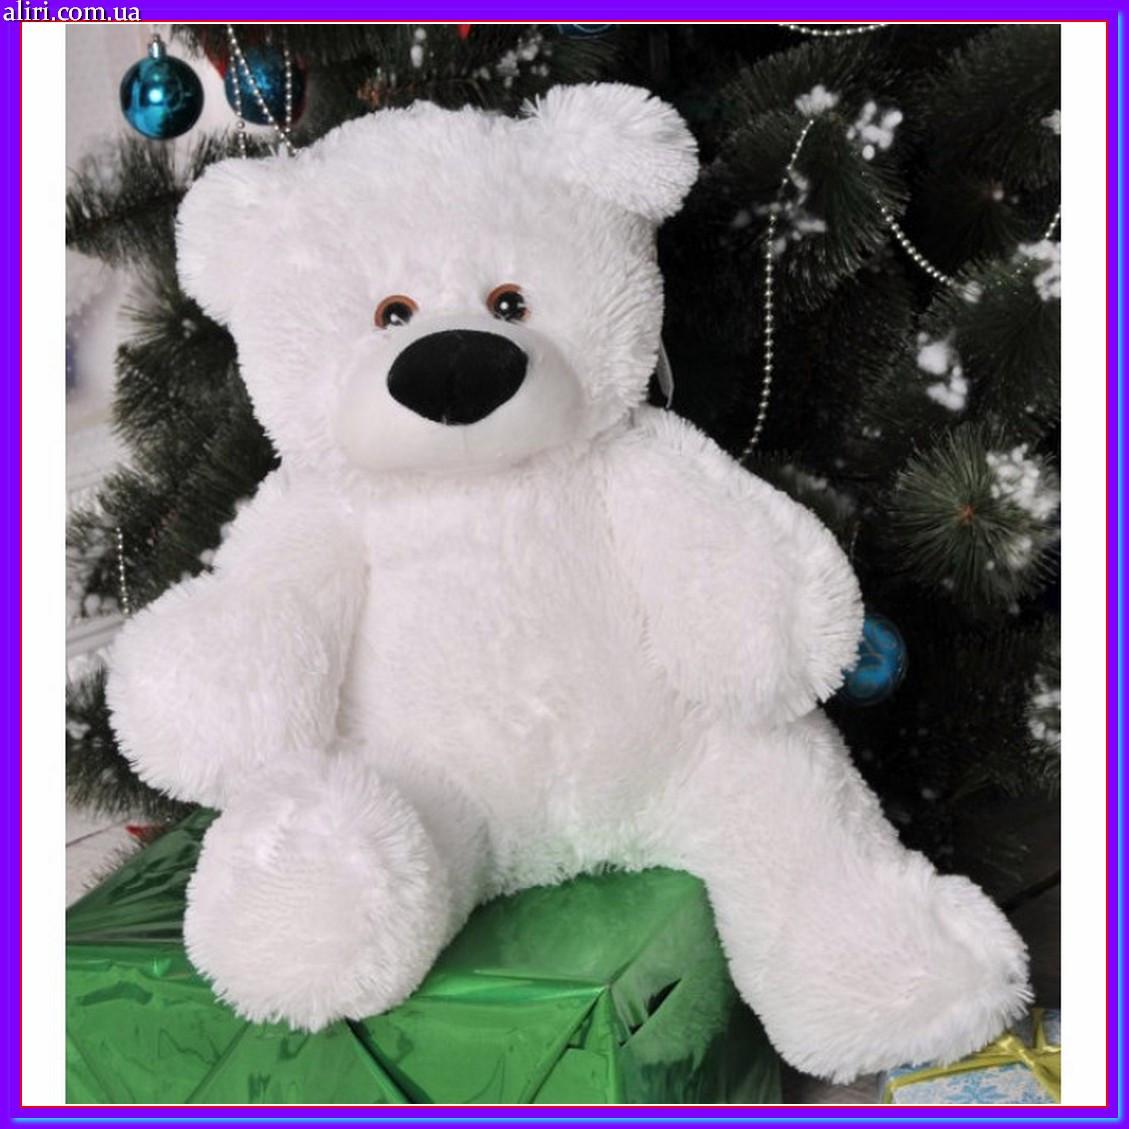 Милый сидячий мишка бублик мягкая игрушка 55 см белый